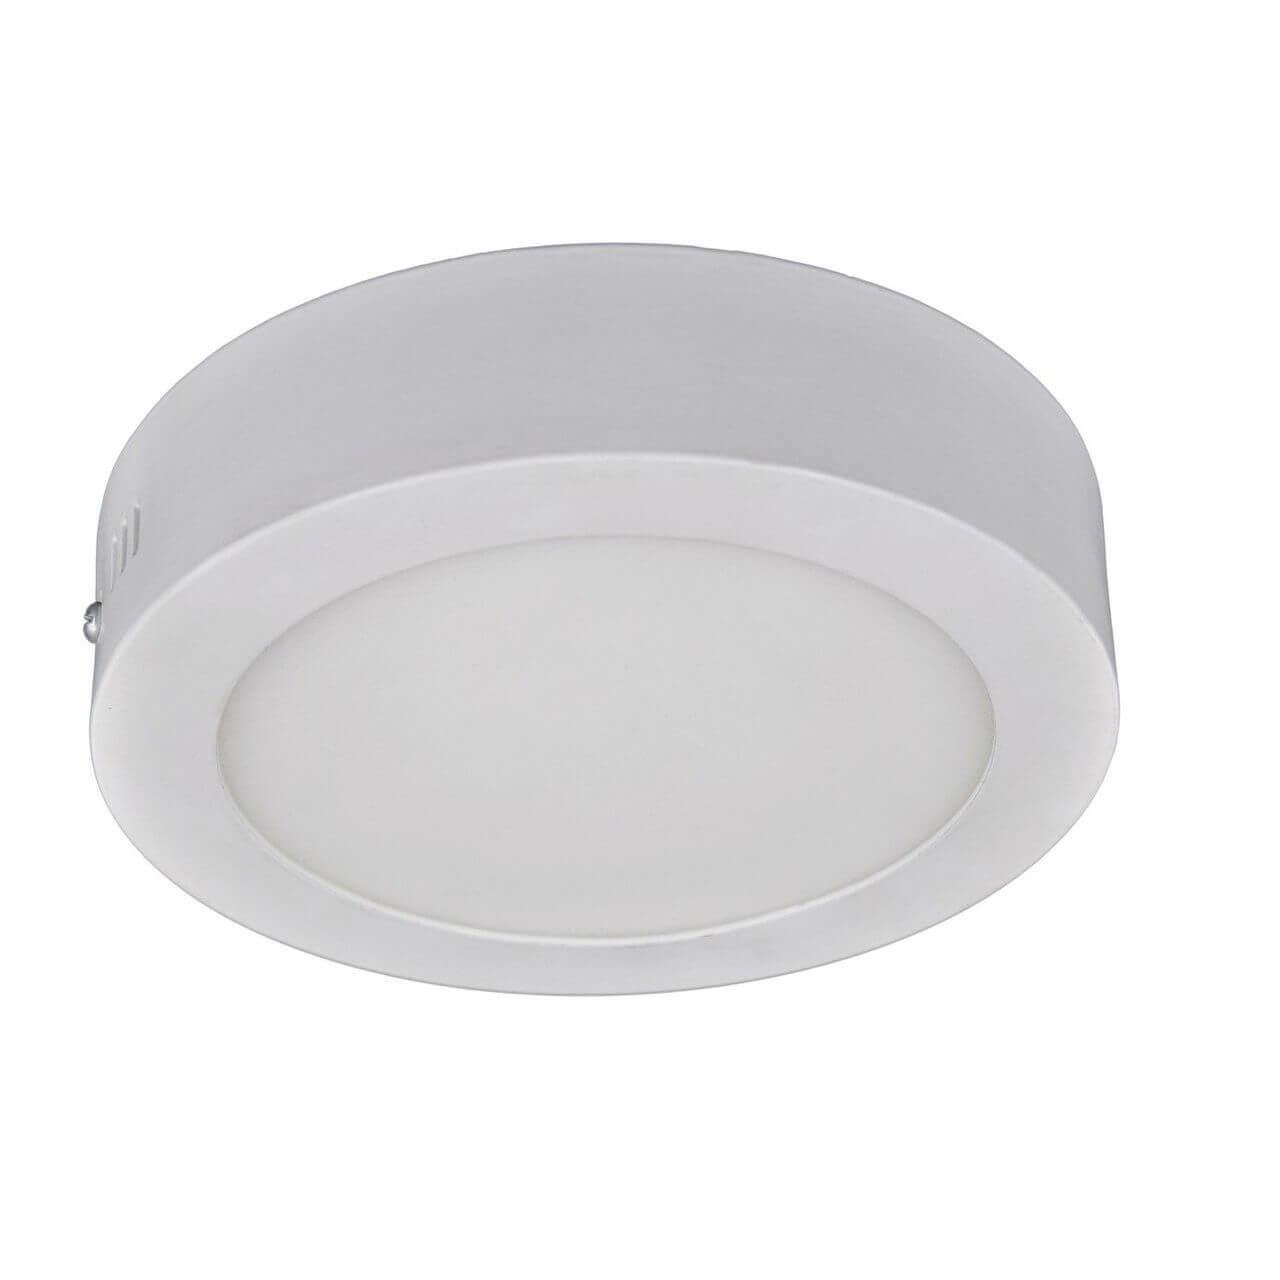 Потолочный светодиодный светильник Arte Lamp Angolo A3012PL-1WH светильник потолочный arte lamp rails kits цвет белый 1 х e14 40 w a3056pl 1wh